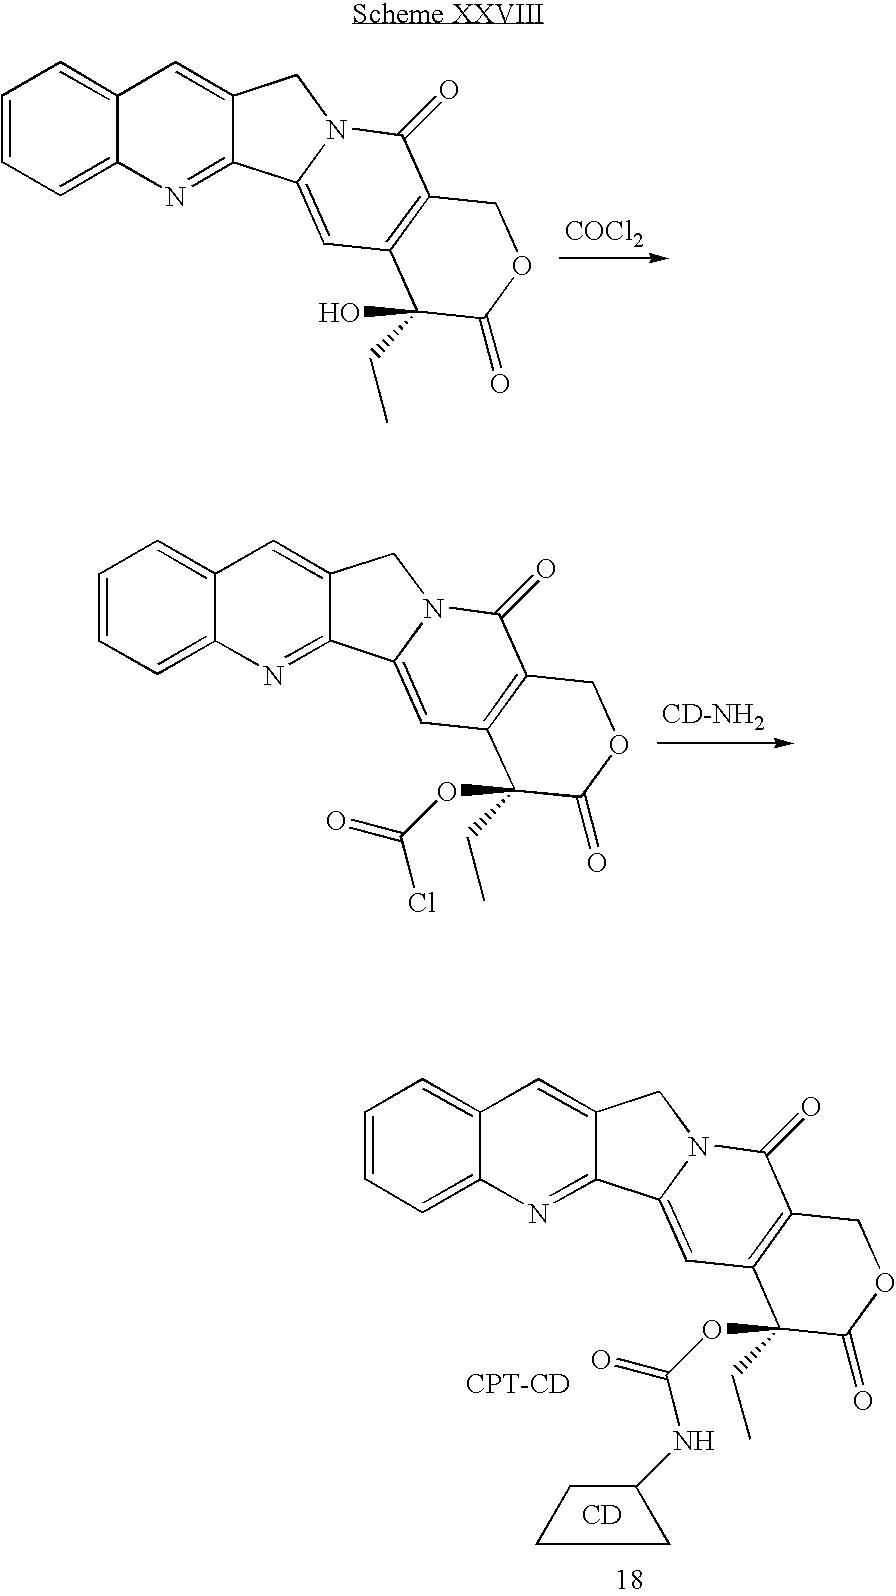 Figure US08110179-20120207-C00048